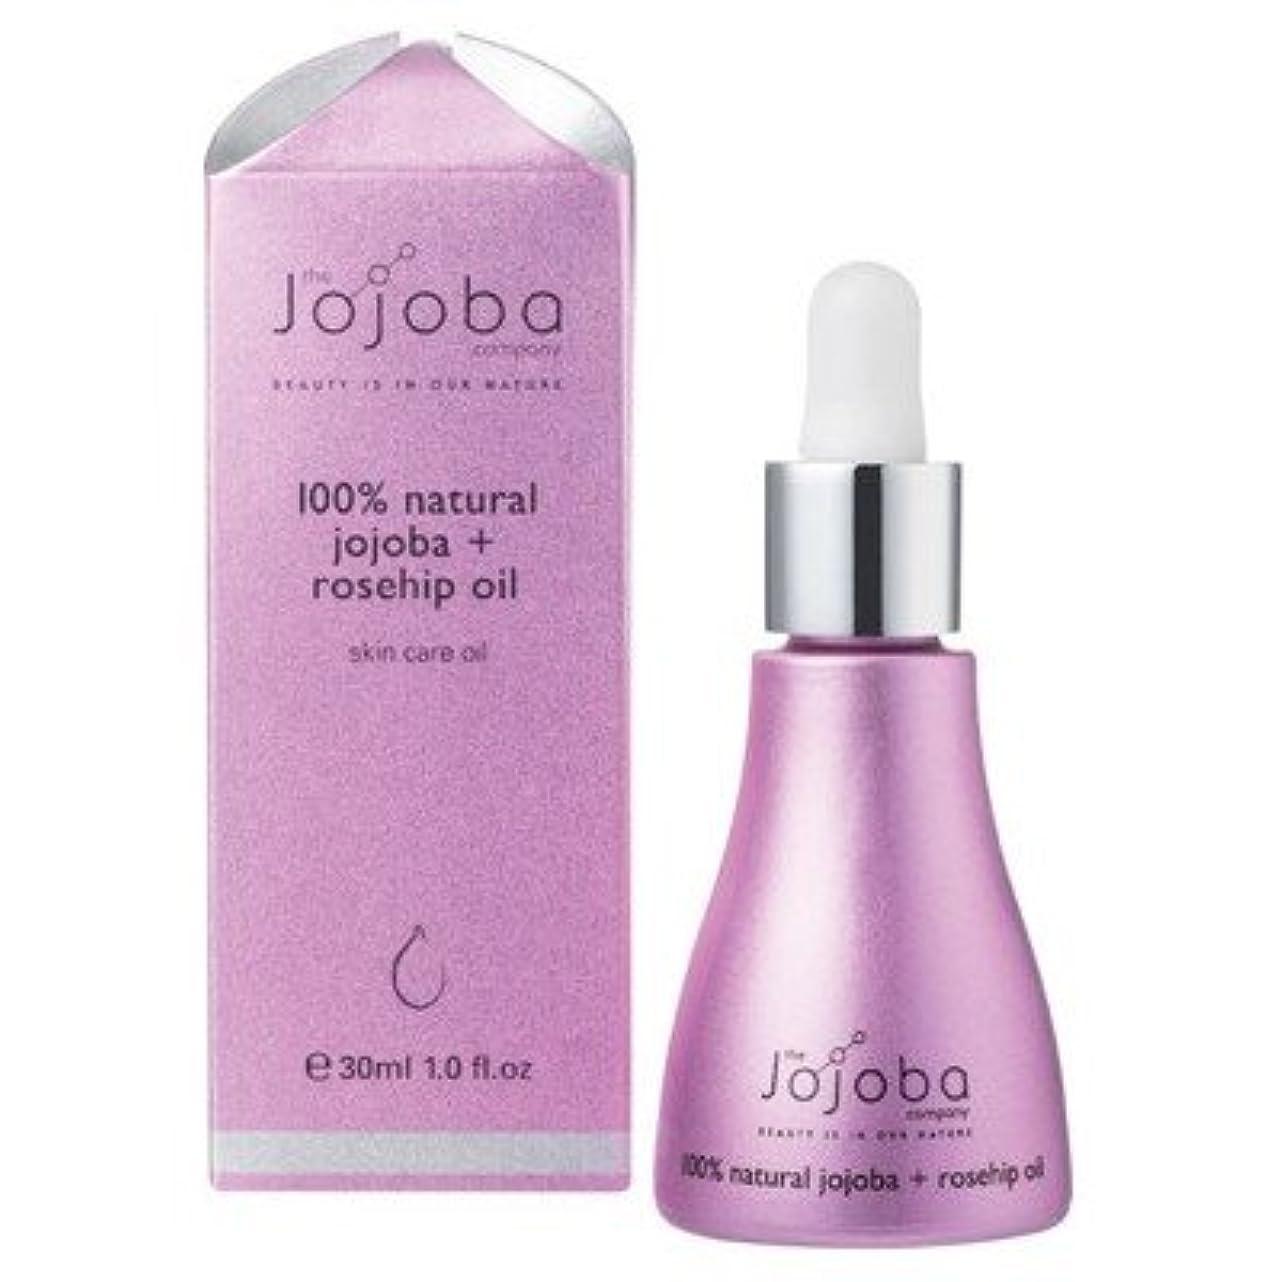 に賛成原点考えたthe Jojoba Company 100% Natural Australian Jojoba Oil + Rosehip Oil ホホバ&ローズヒップブレンドオイル 30ml [海外直送品]